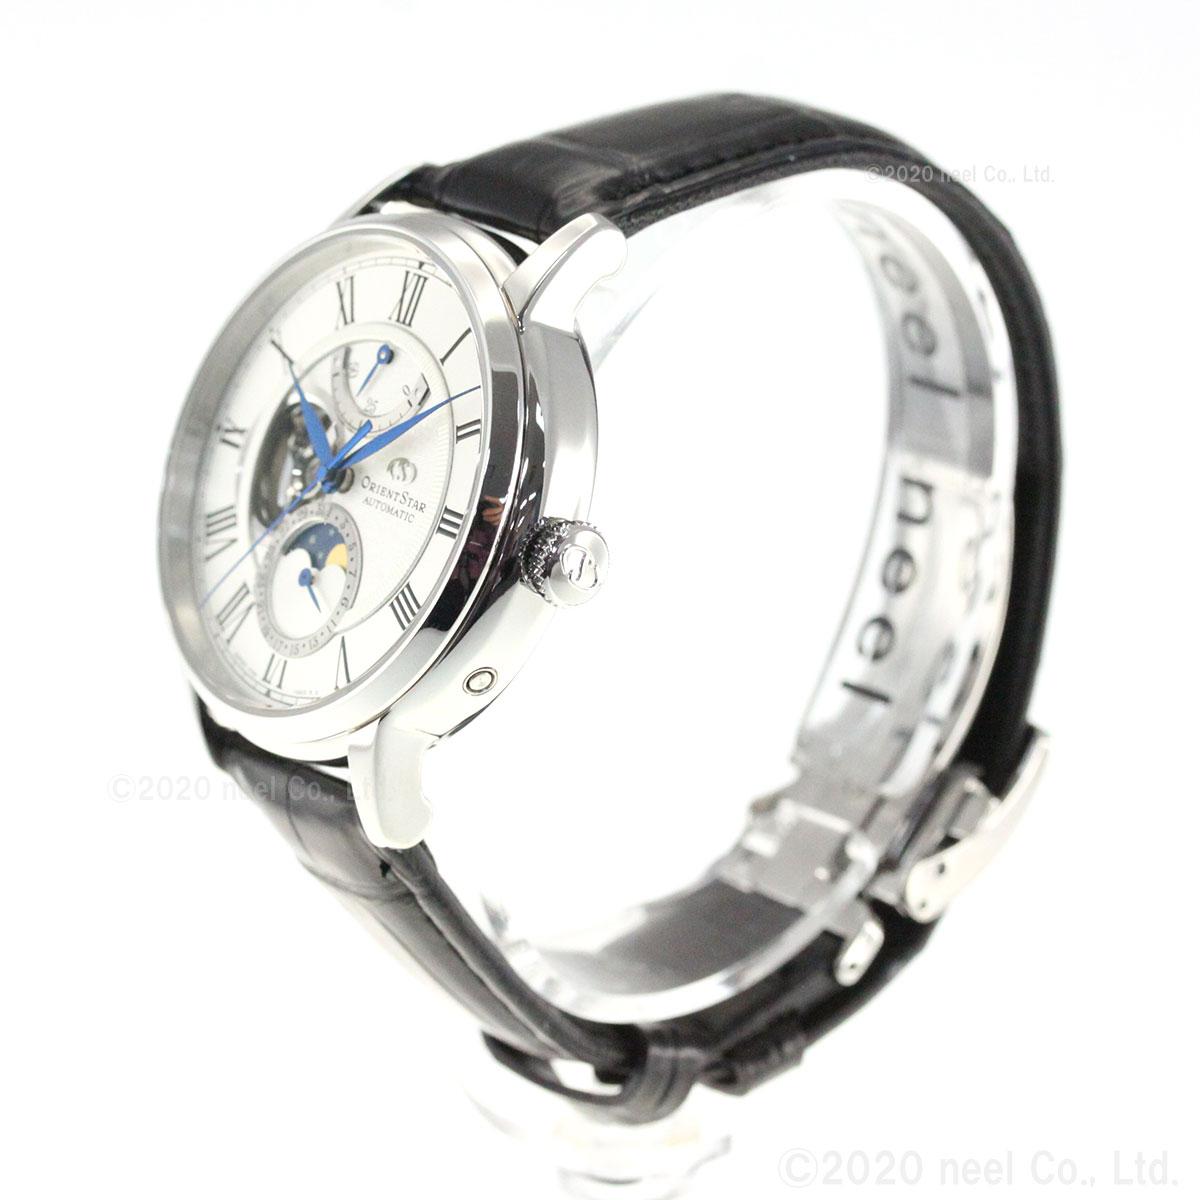 オリエントスター ORIENT STAR 腕時計 メンズ 自動巻き 機械式 クラシック CLASSIC メカニカルムーンフェイズ RK-AY0101S